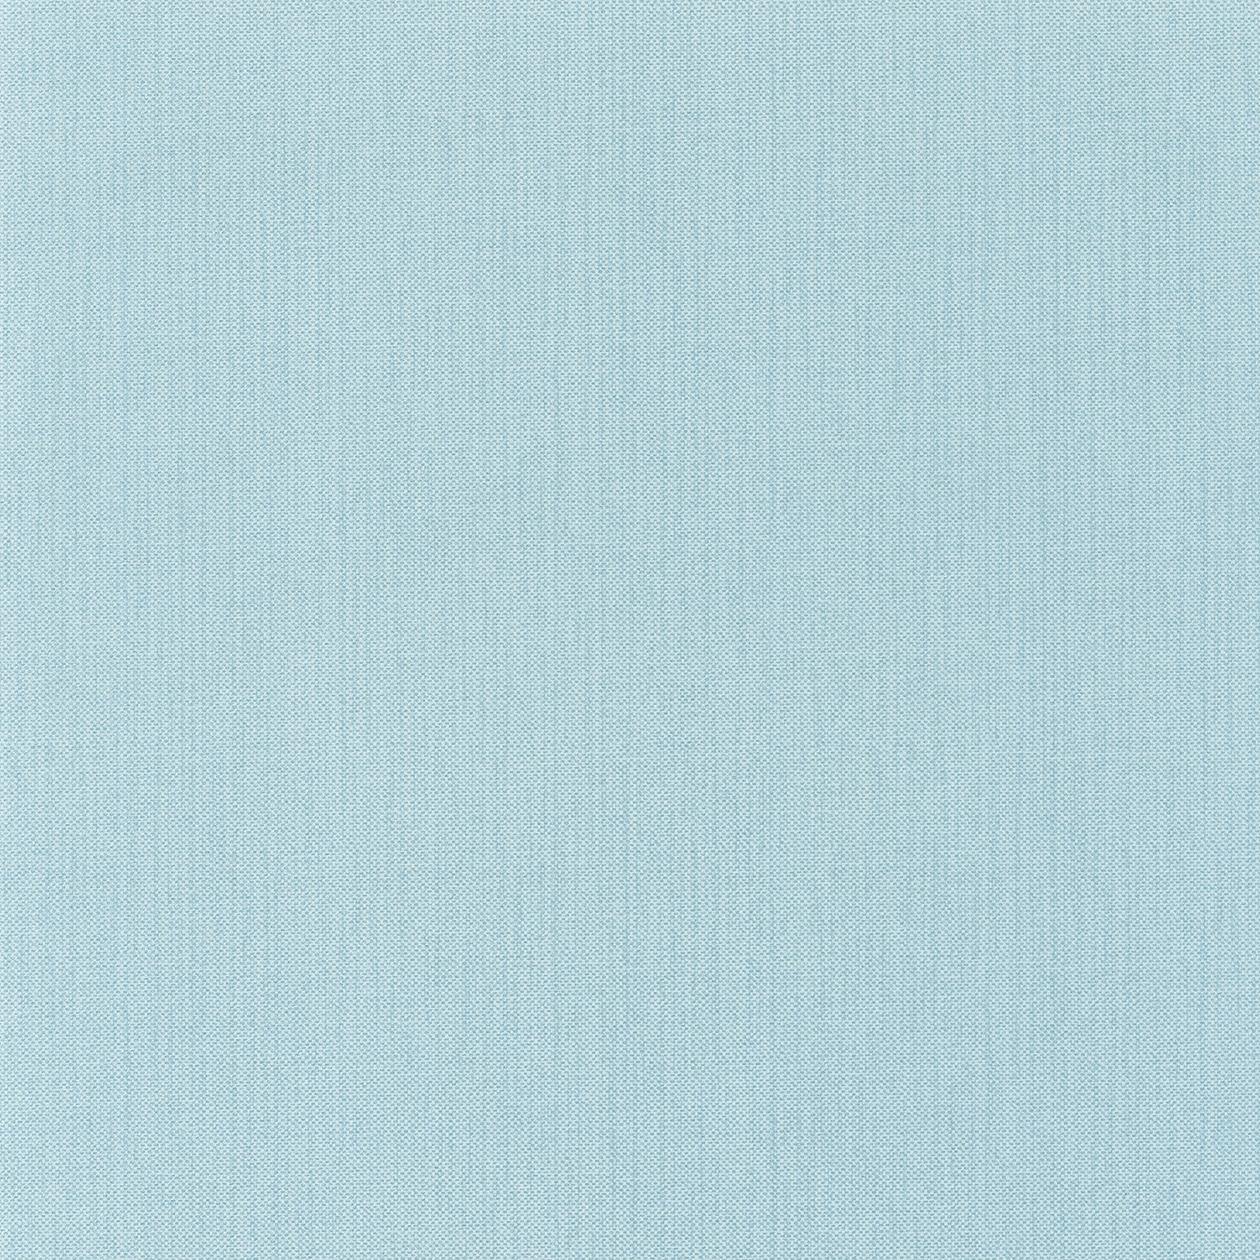 Обои Caselio Natte (53 см) 101566000